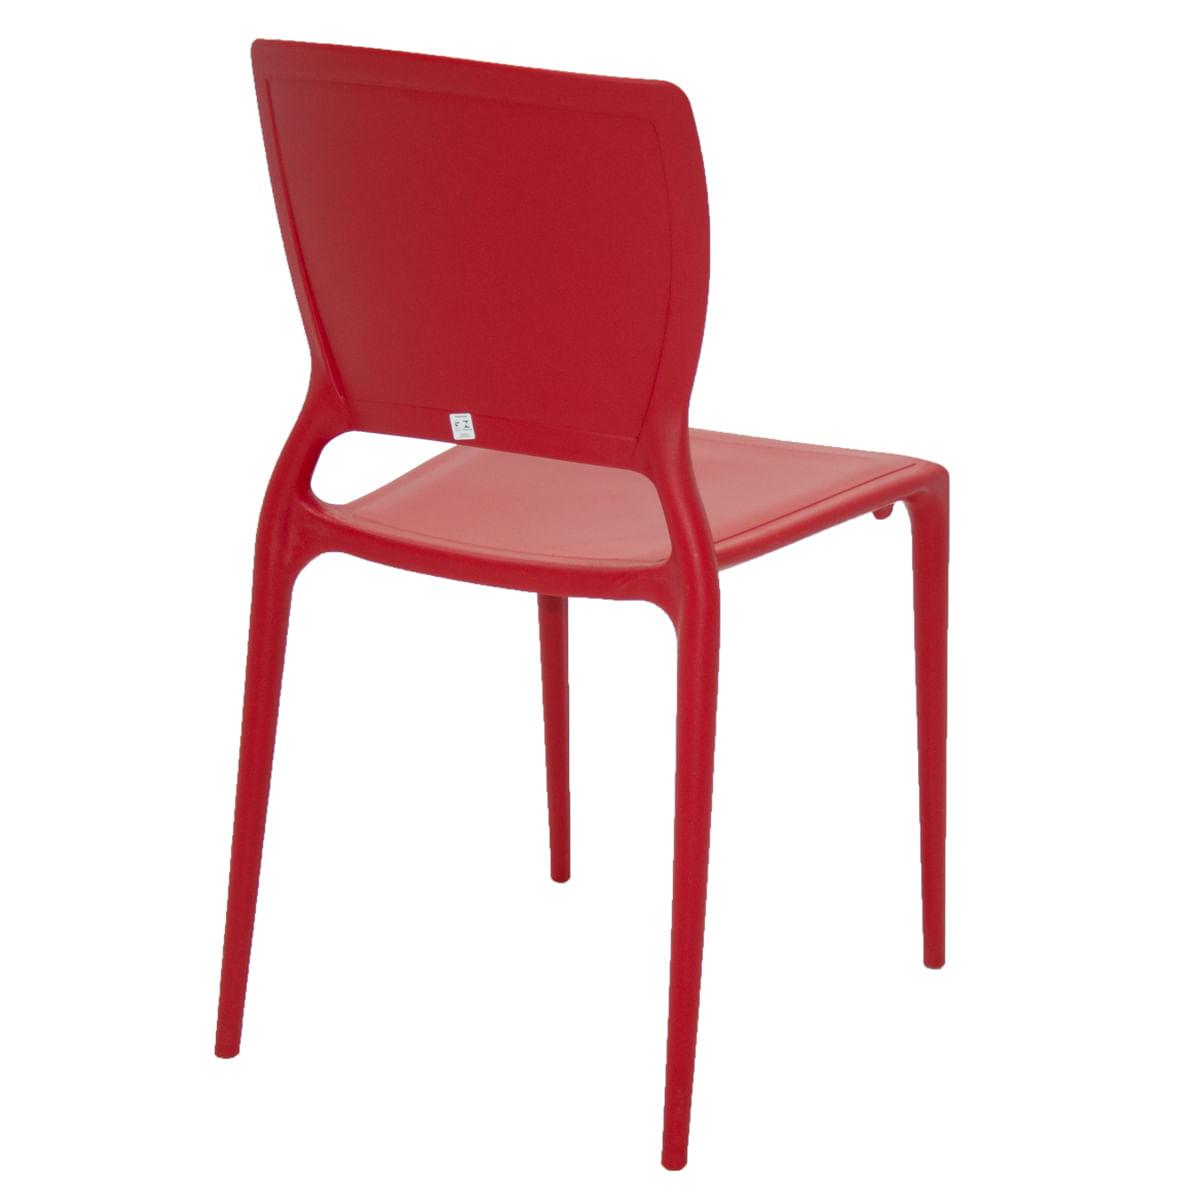 Cadeira Tramontina Sofia Vermelha com Encosto Fechado em Polipropileno e Fibra de Vidro